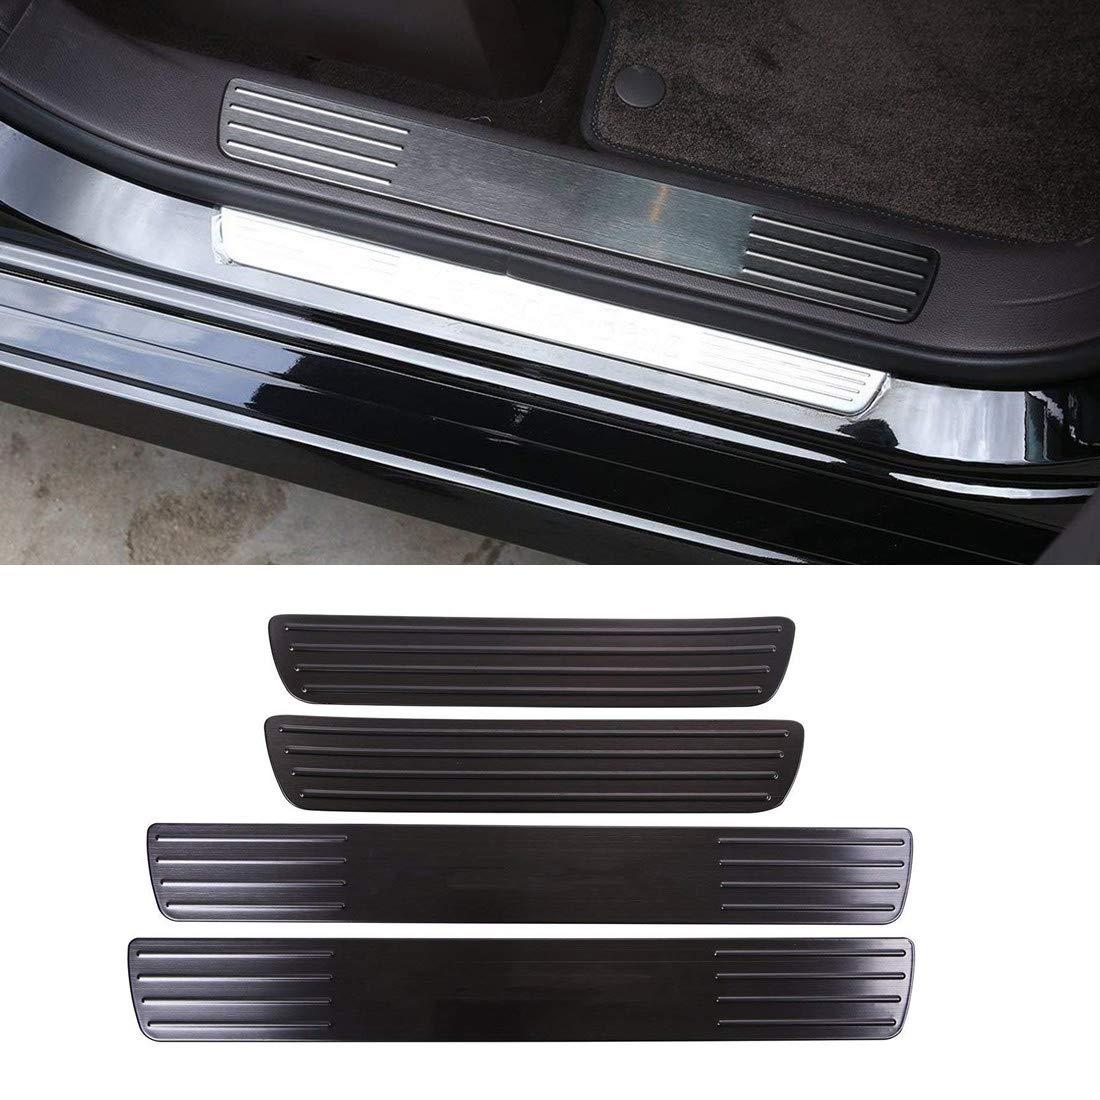 Pegatinas de acero inoxidable con decoración interior de carbono para umbral de puerta, accesorios para ML W164 W166 2012 – 2017 (no apto para pareja) accesorios para ML W164 W166 2012 - 2017 (no apto para pareja) Luxuqo